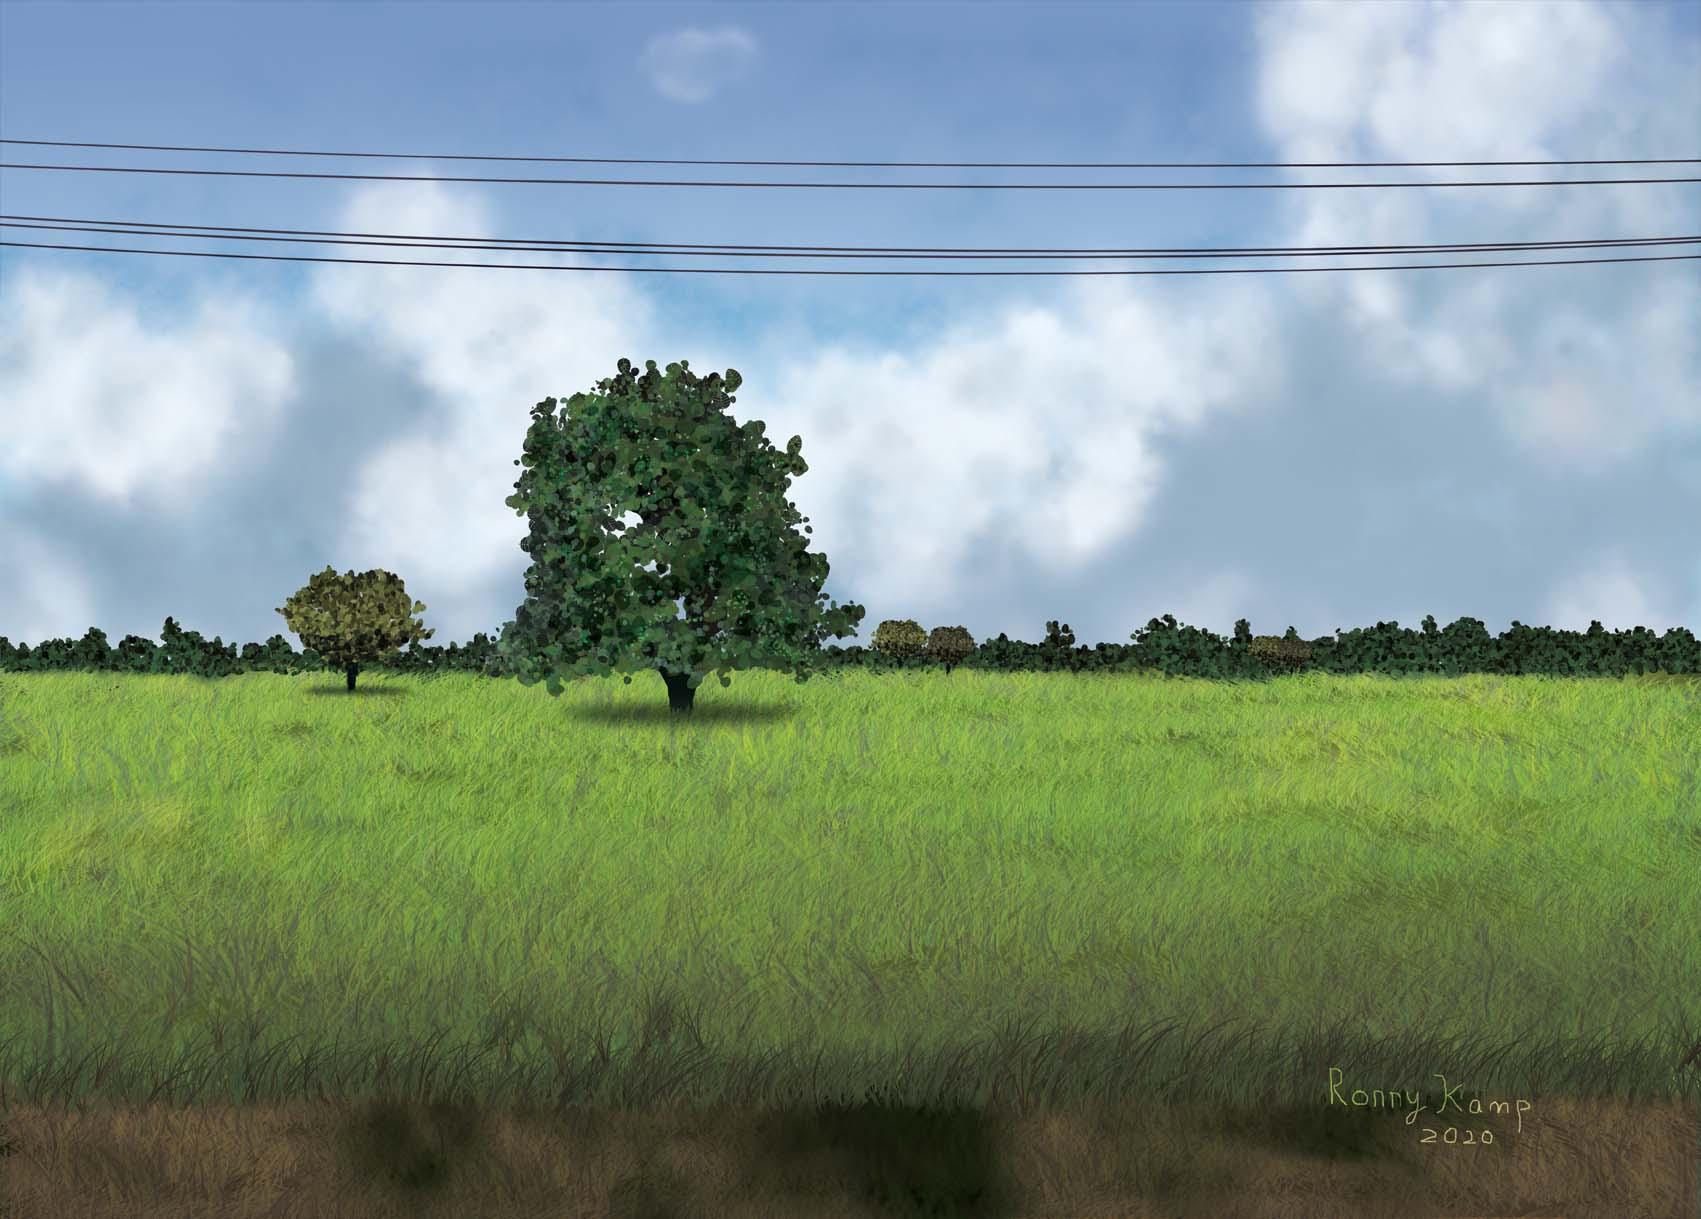 Thais landschap met bomen en wolken achter elektriciteitskabels. Zo zou je het in Nederland ook kunnen zien. De schaduw onder de boom verraadt echter anders. Alleen rond de evenaar kan de zon recht boven ons staan.